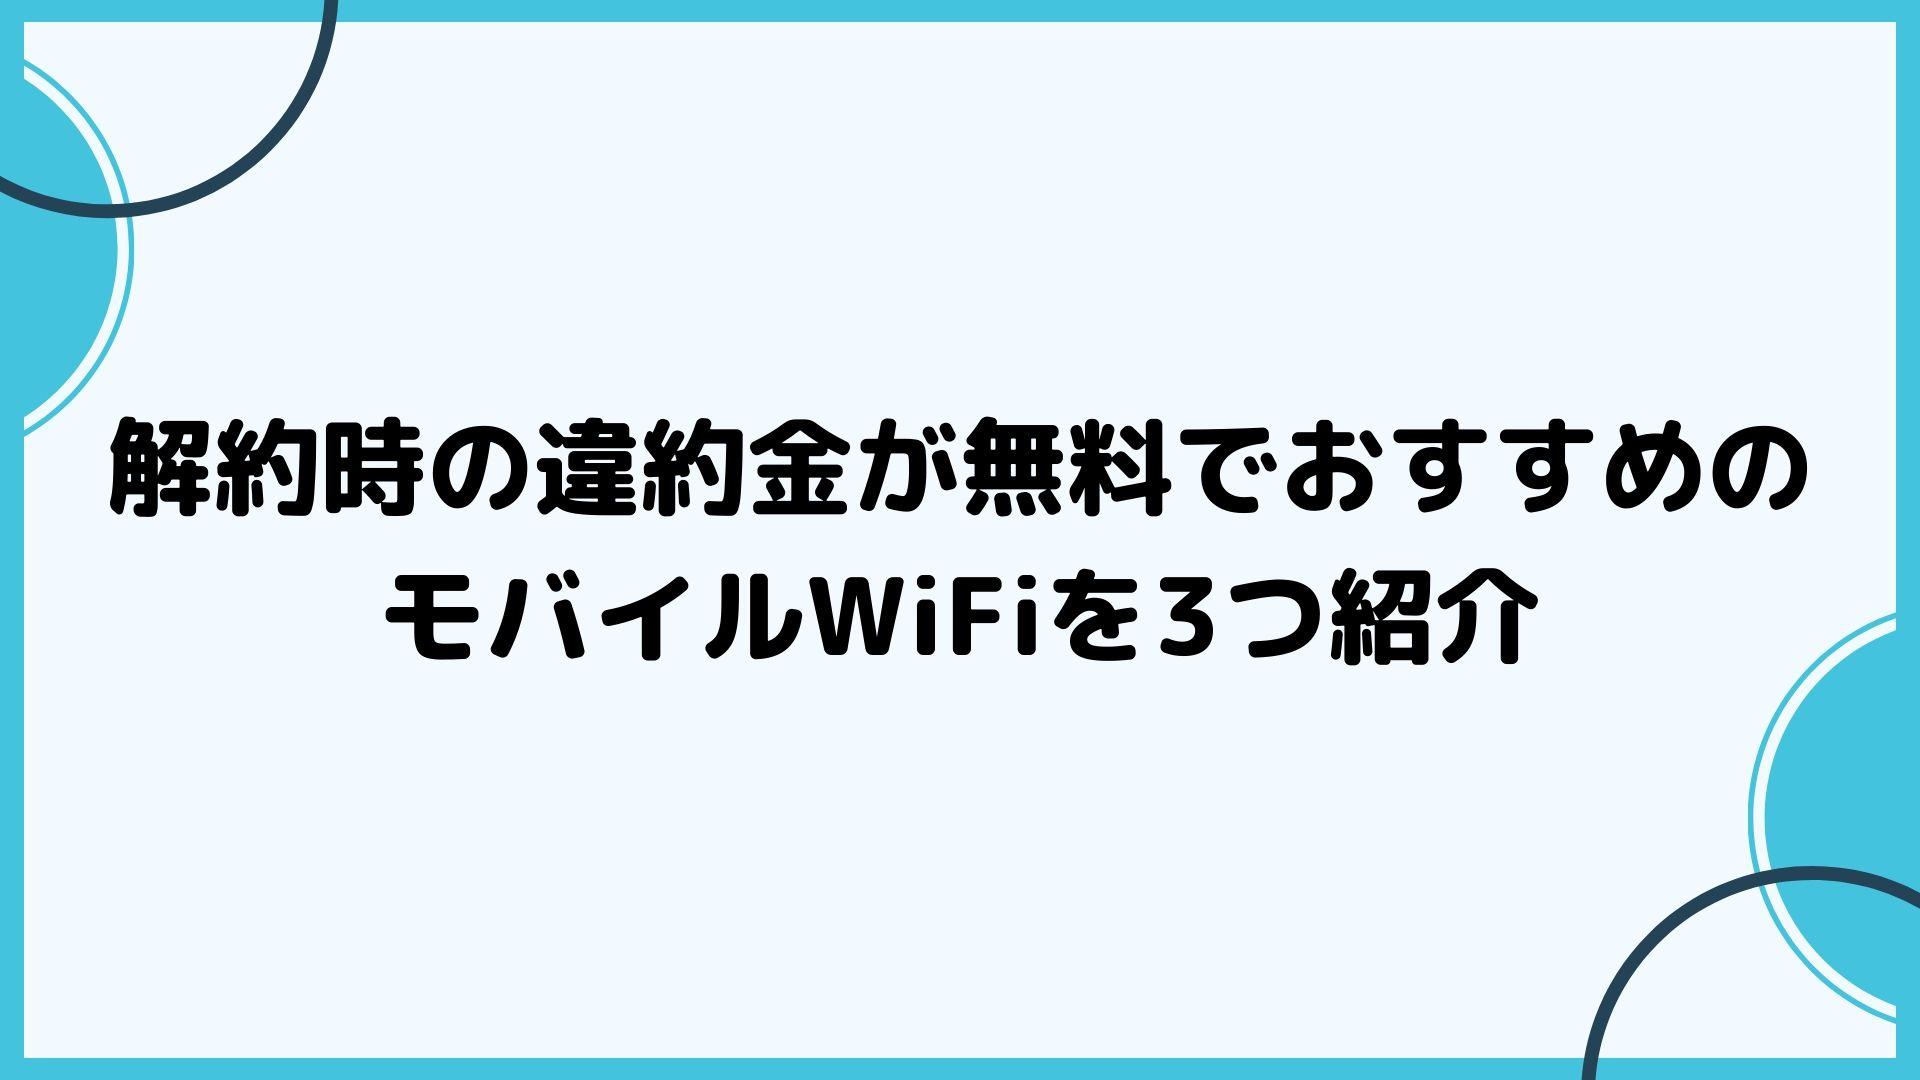 違約金無料のモバイルWiFiサービス